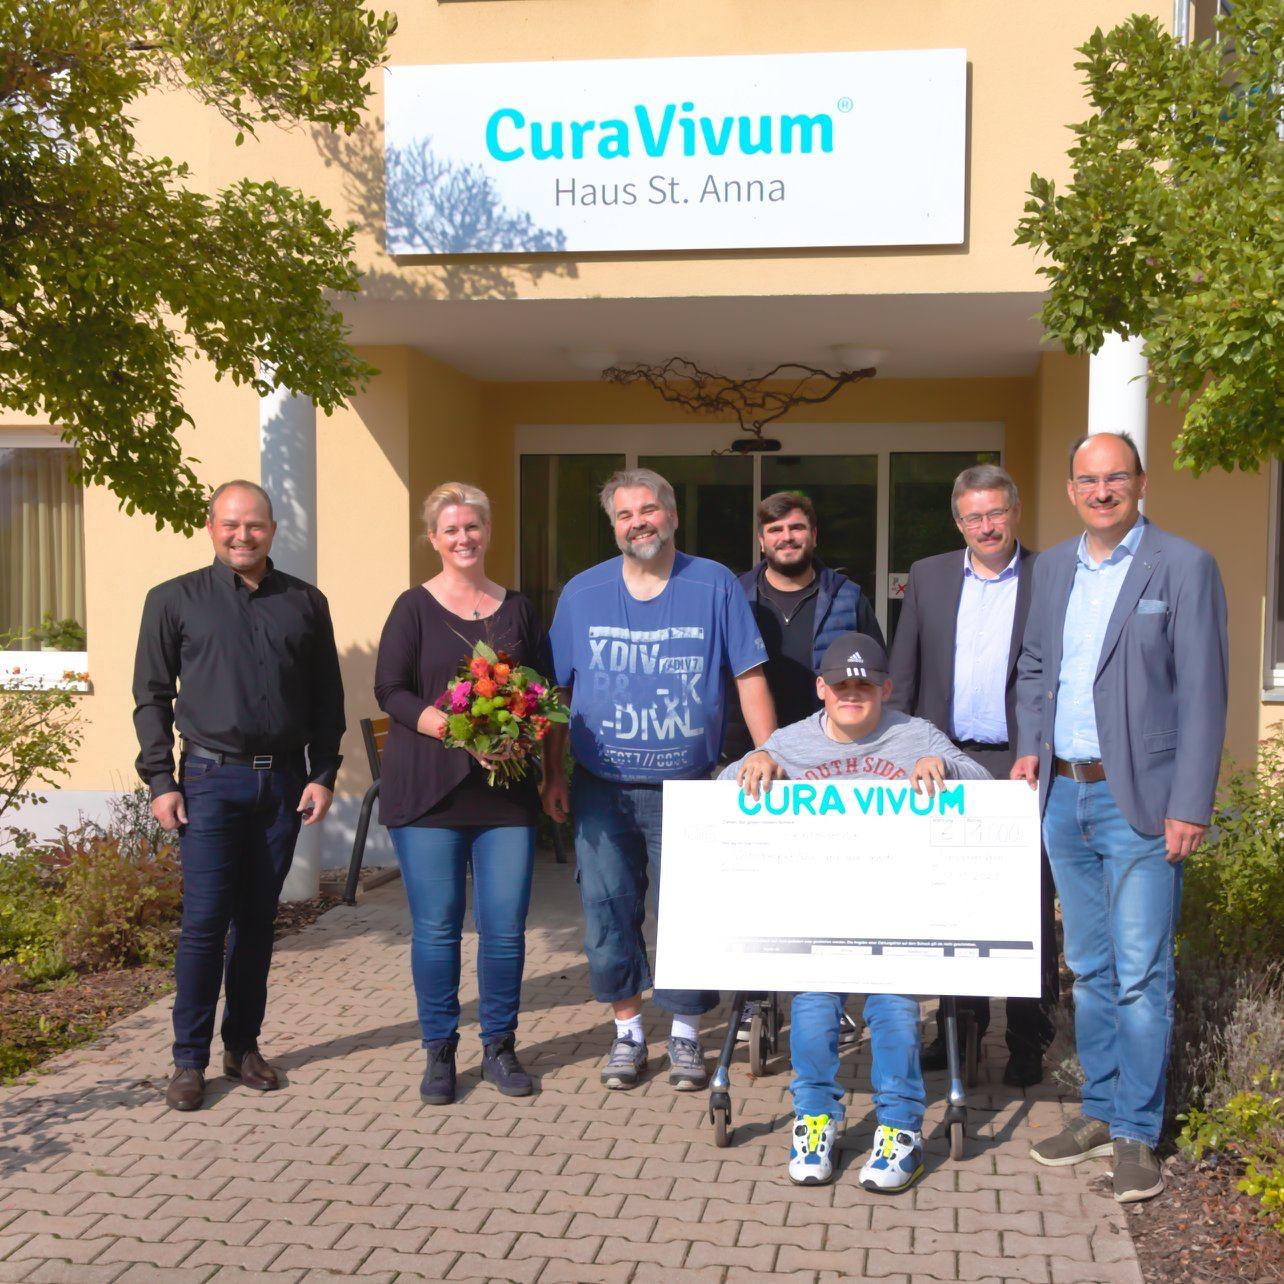 CuraVivum spendet für Projekt in Waischenfeld